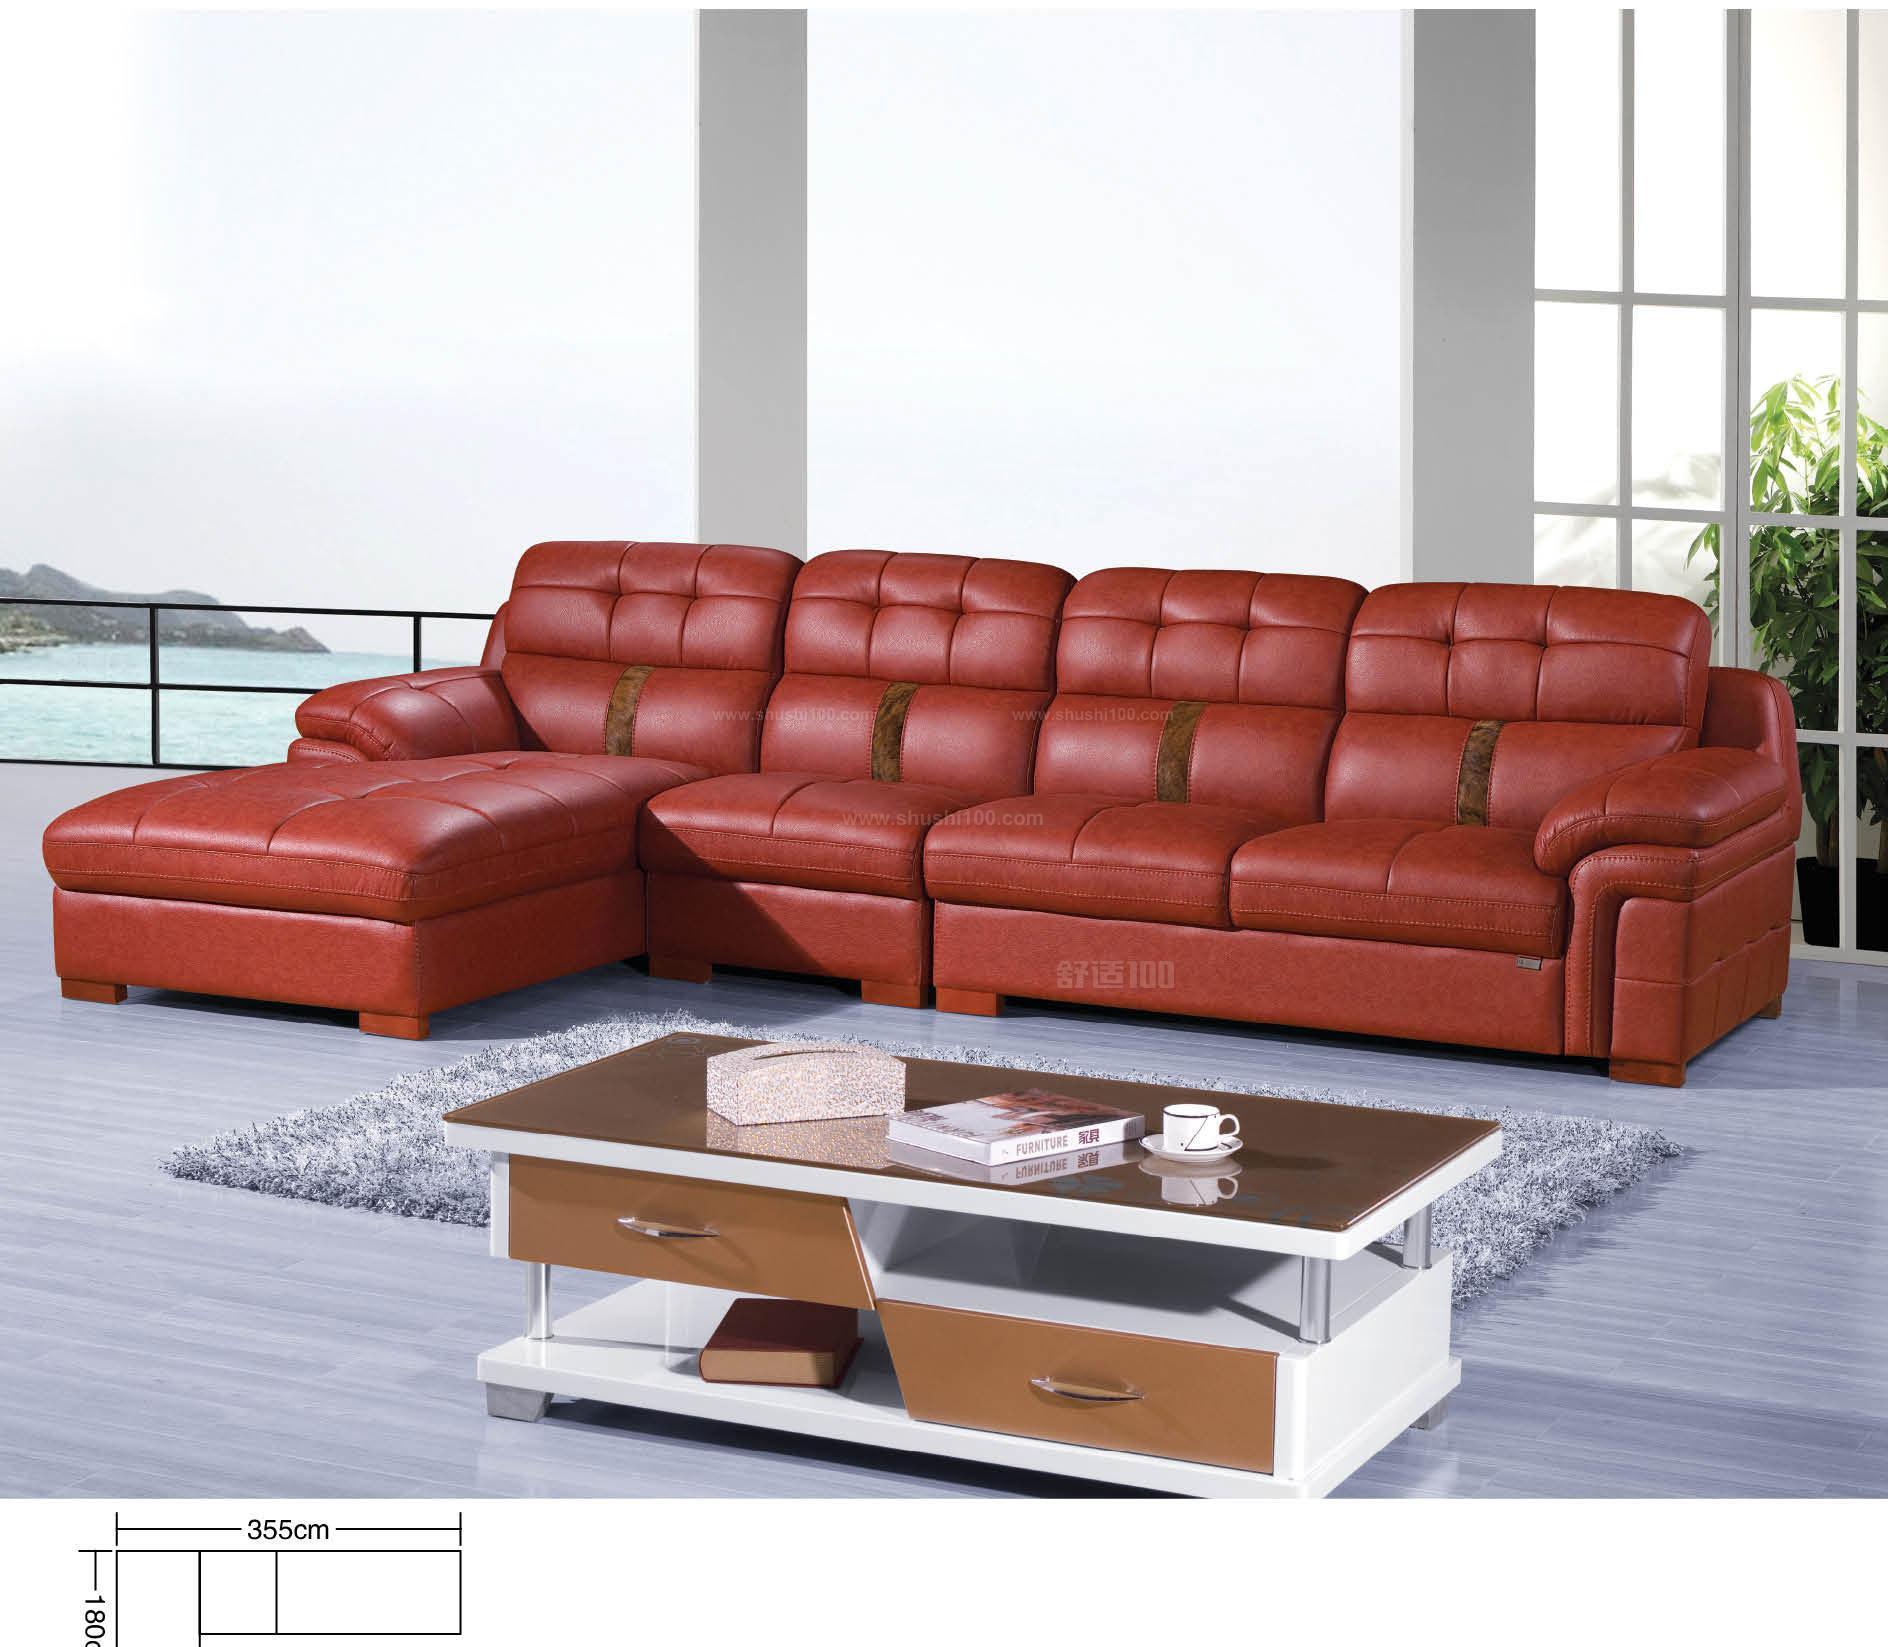 皮沙发怎么清洗 皮沙发的清洗方法